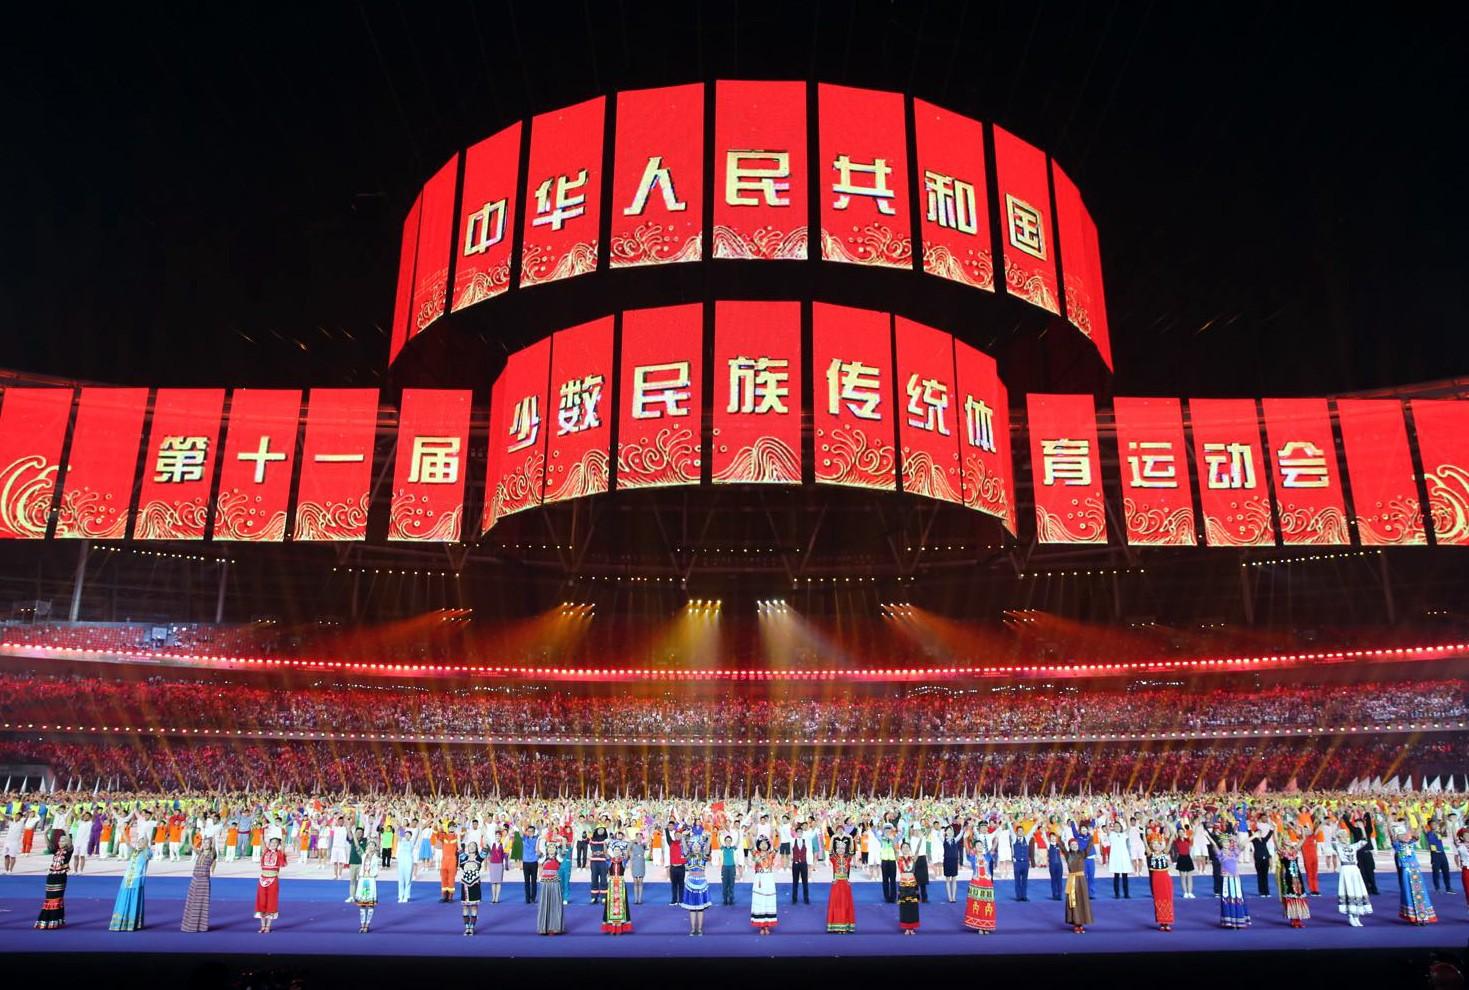 第十一届全国少数民族传统体育运动会闭幕 山东代表团创历史最佳成绩